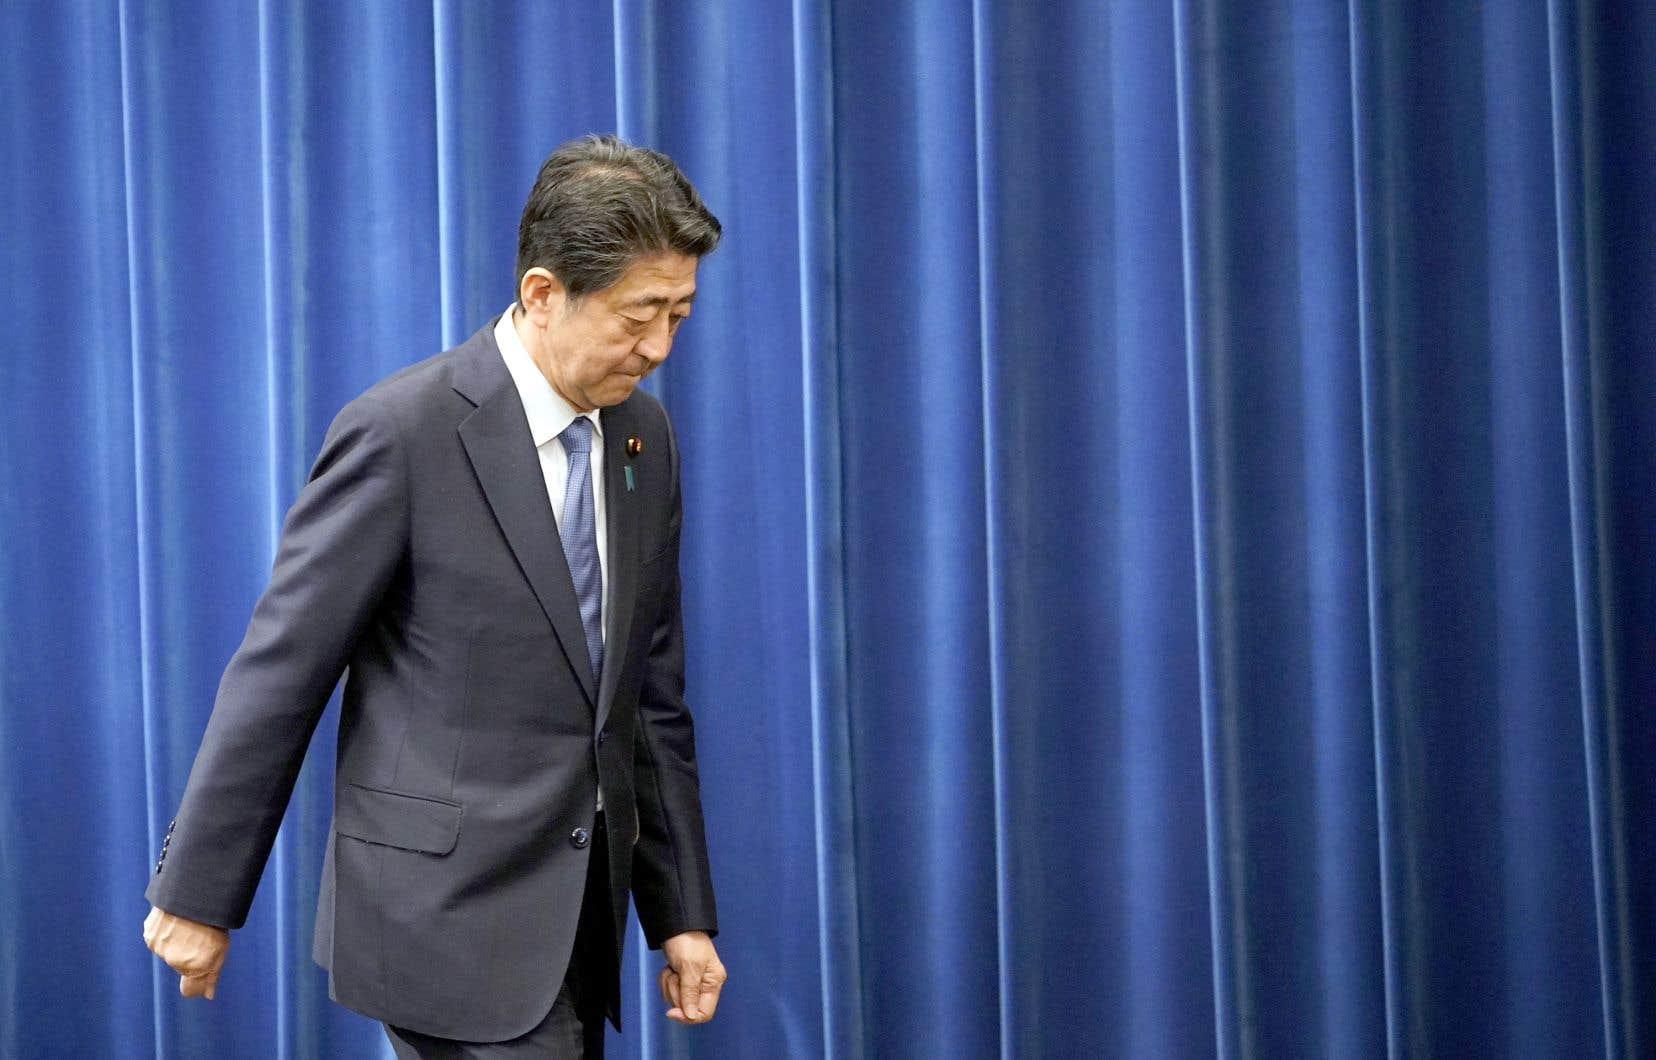 Ému, Shinzo Abe s'est dit «profondément désolé» envers le peuple japonais de quitter son poste environ un an avant la date initialement prévue et en pleine crise du coronavirus.